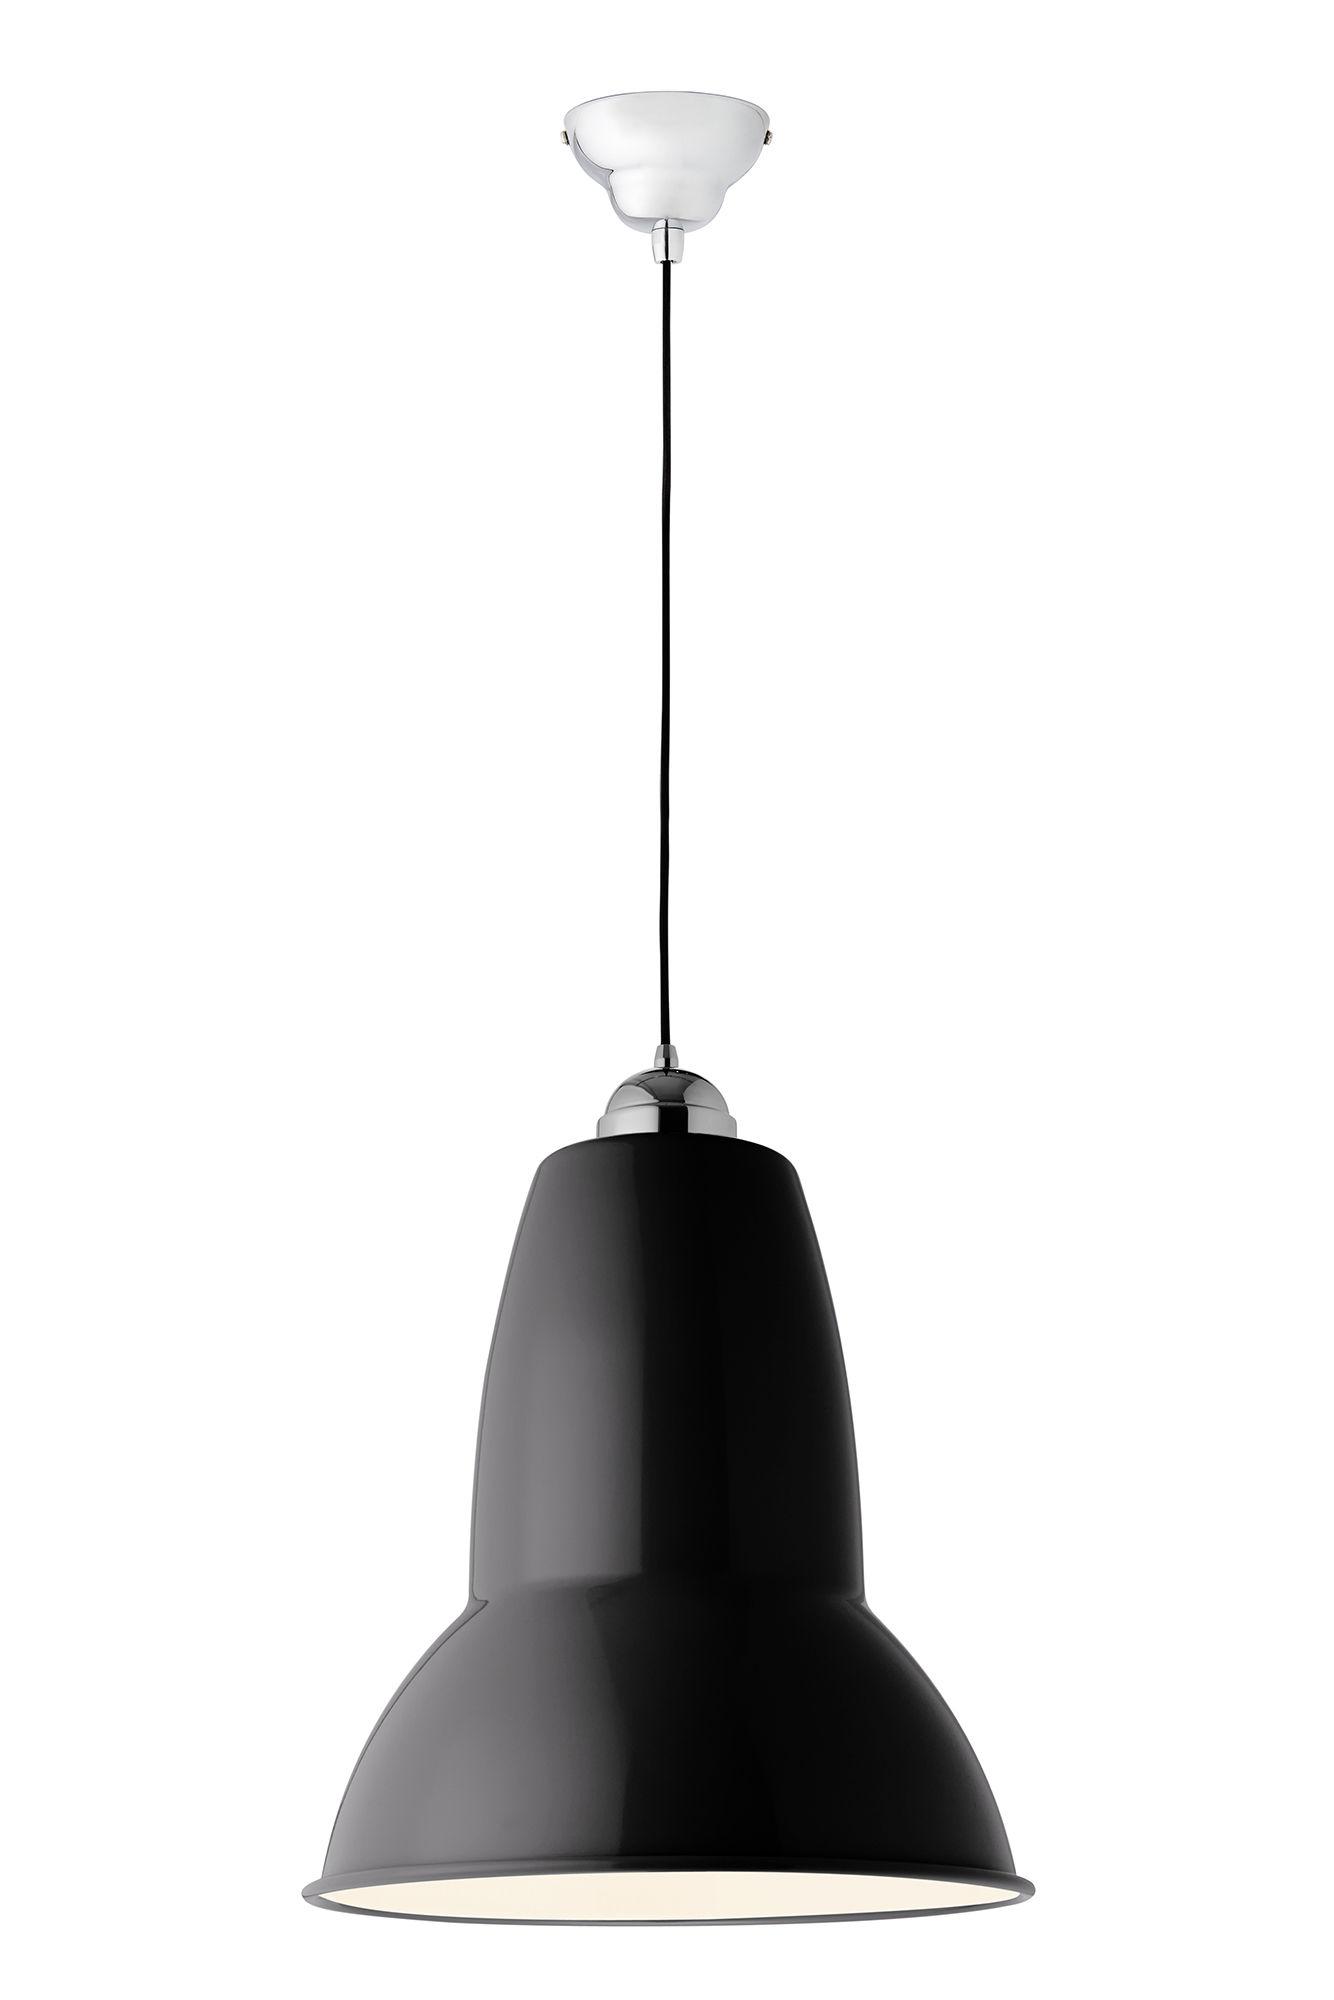 Suspension giant 1227 h 56 5 cm noir anglepoise - Luminaire industriel la giant collection par anglepoise ...